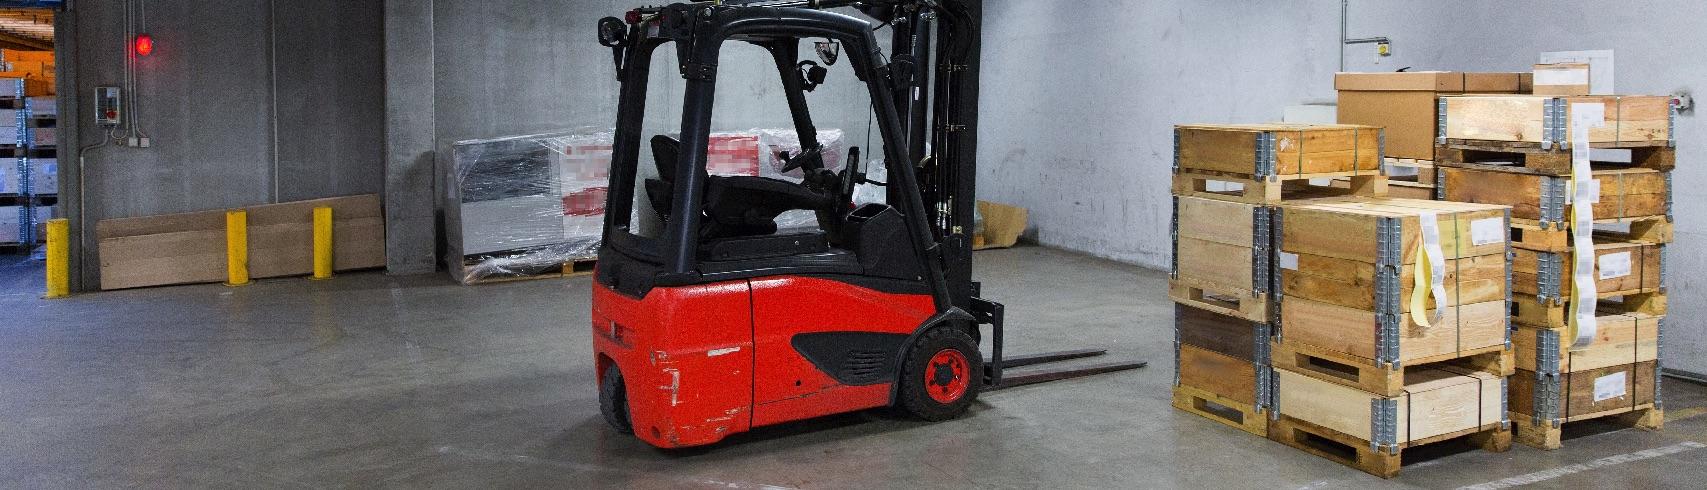 Forklift Rental Tampa, FL